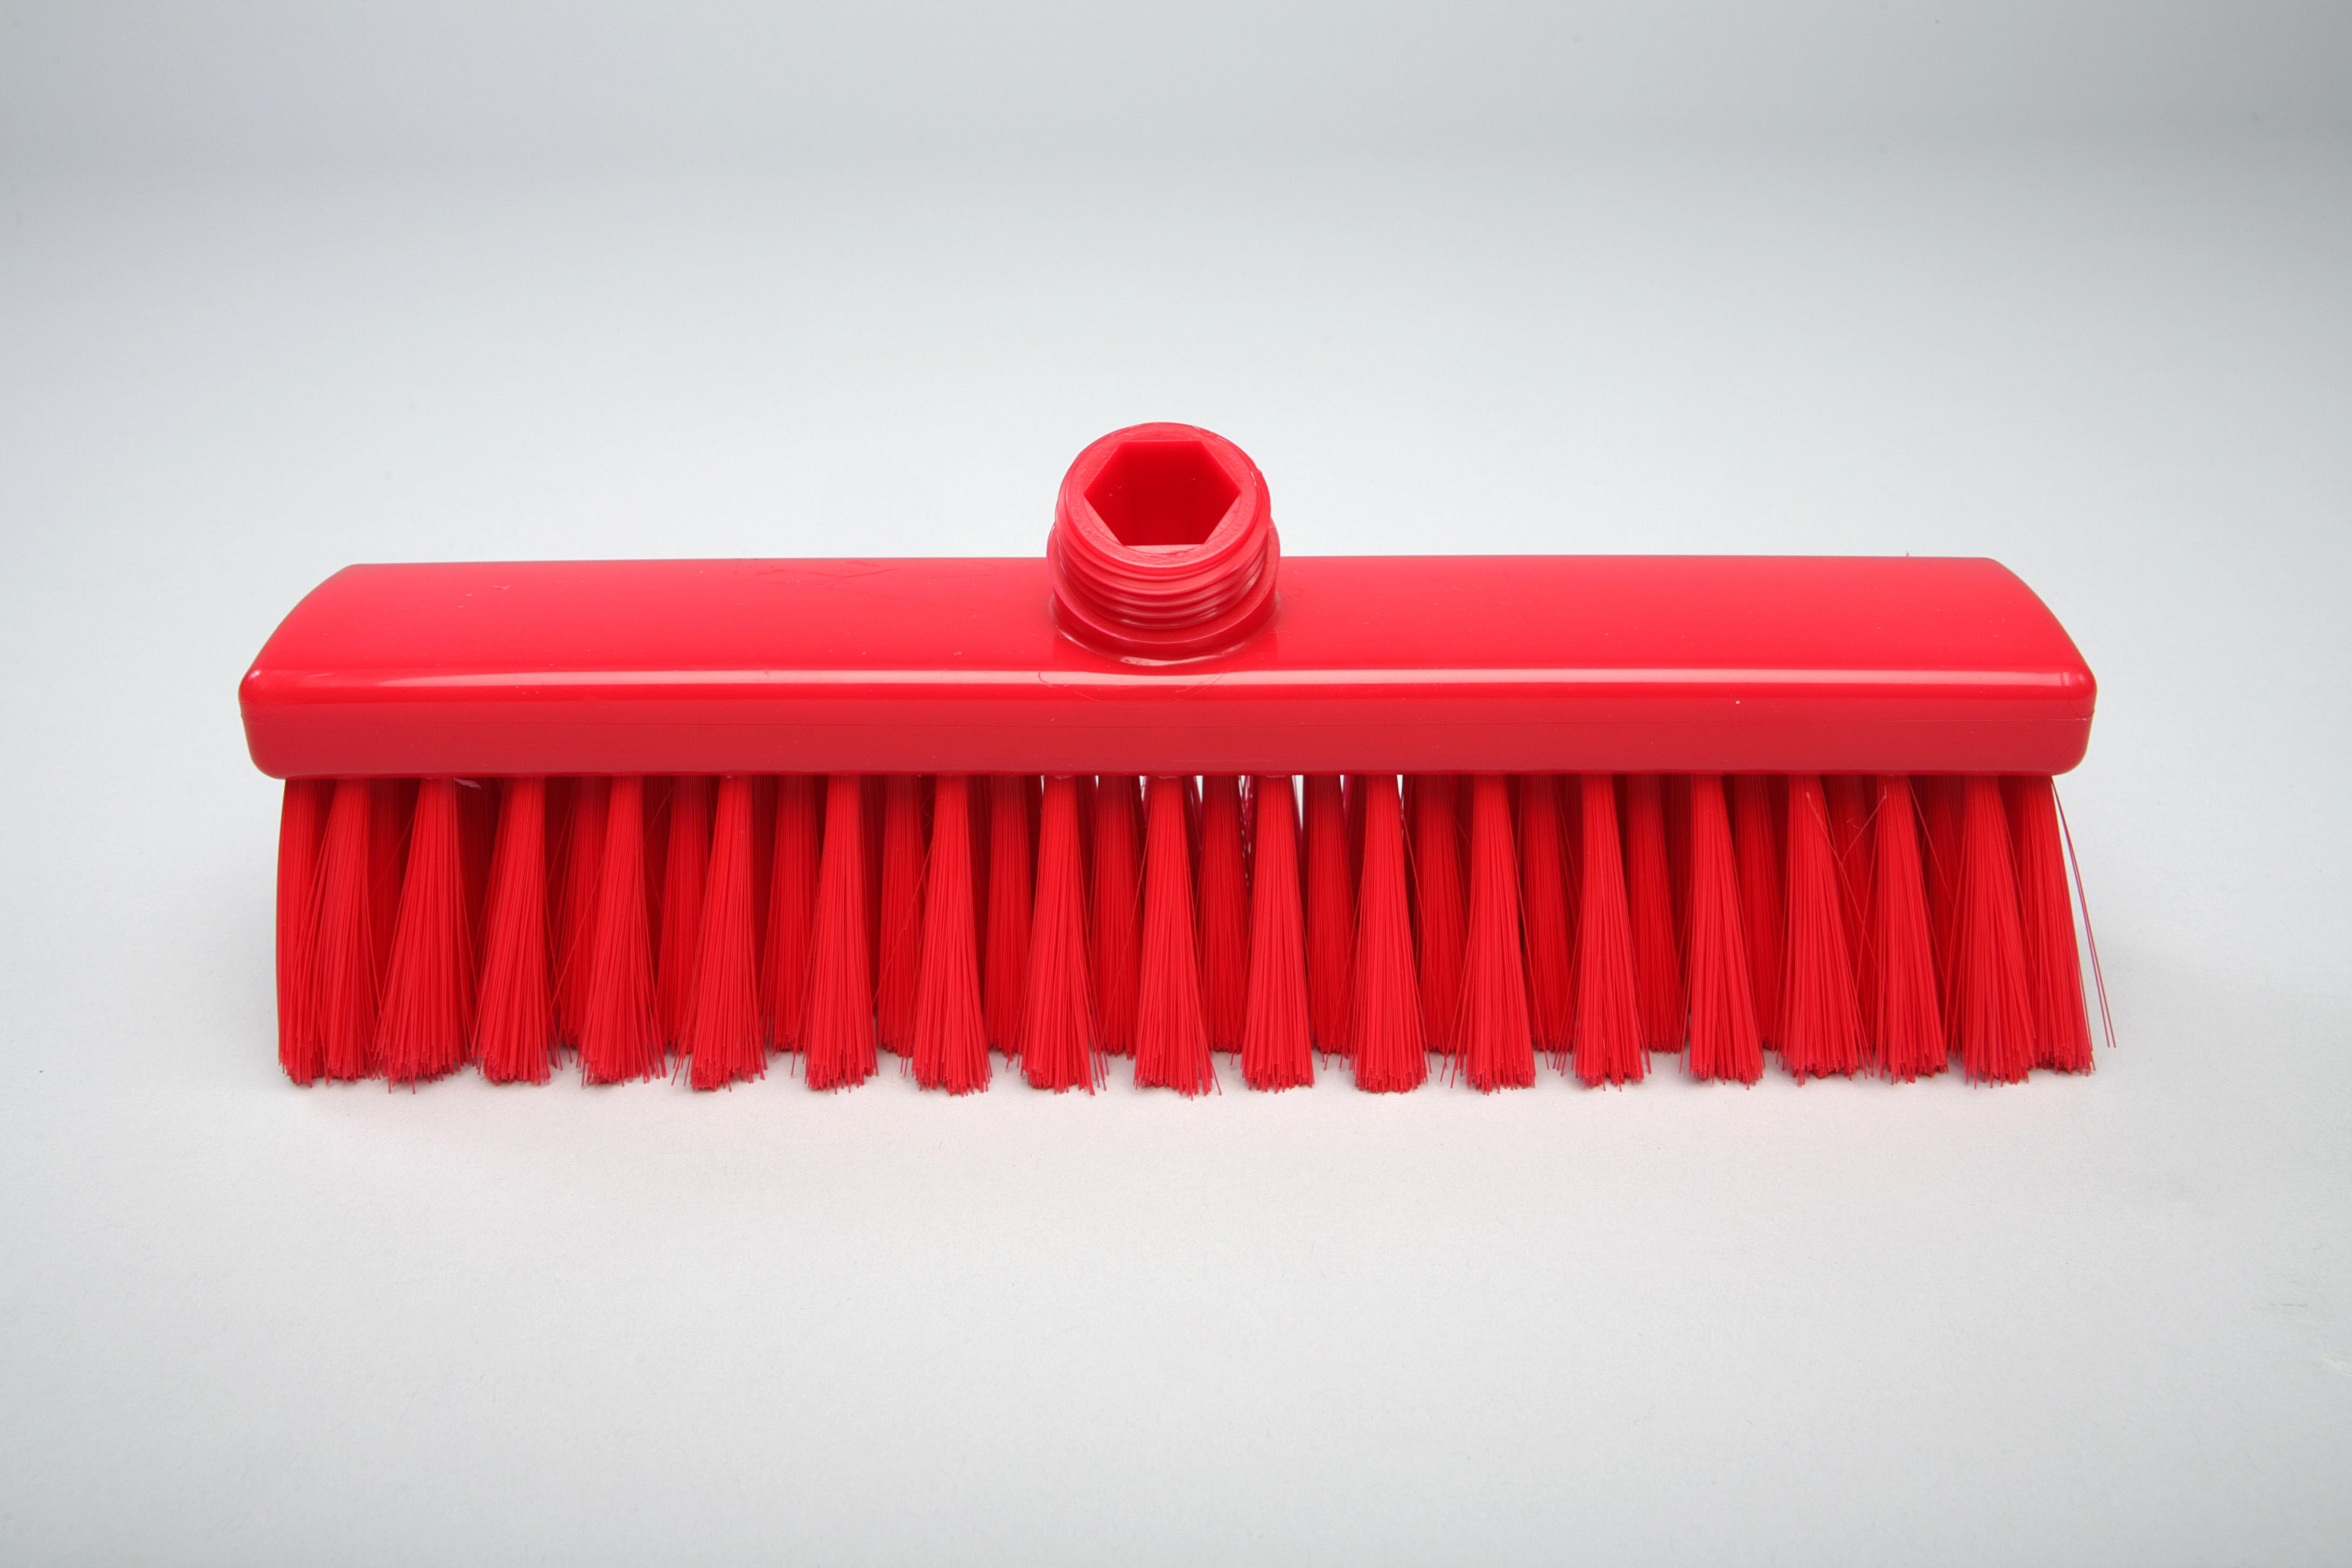 Unimop pühkimishari 300 x 60 x 55 mm, keskmine, punane, kastis 6 tk